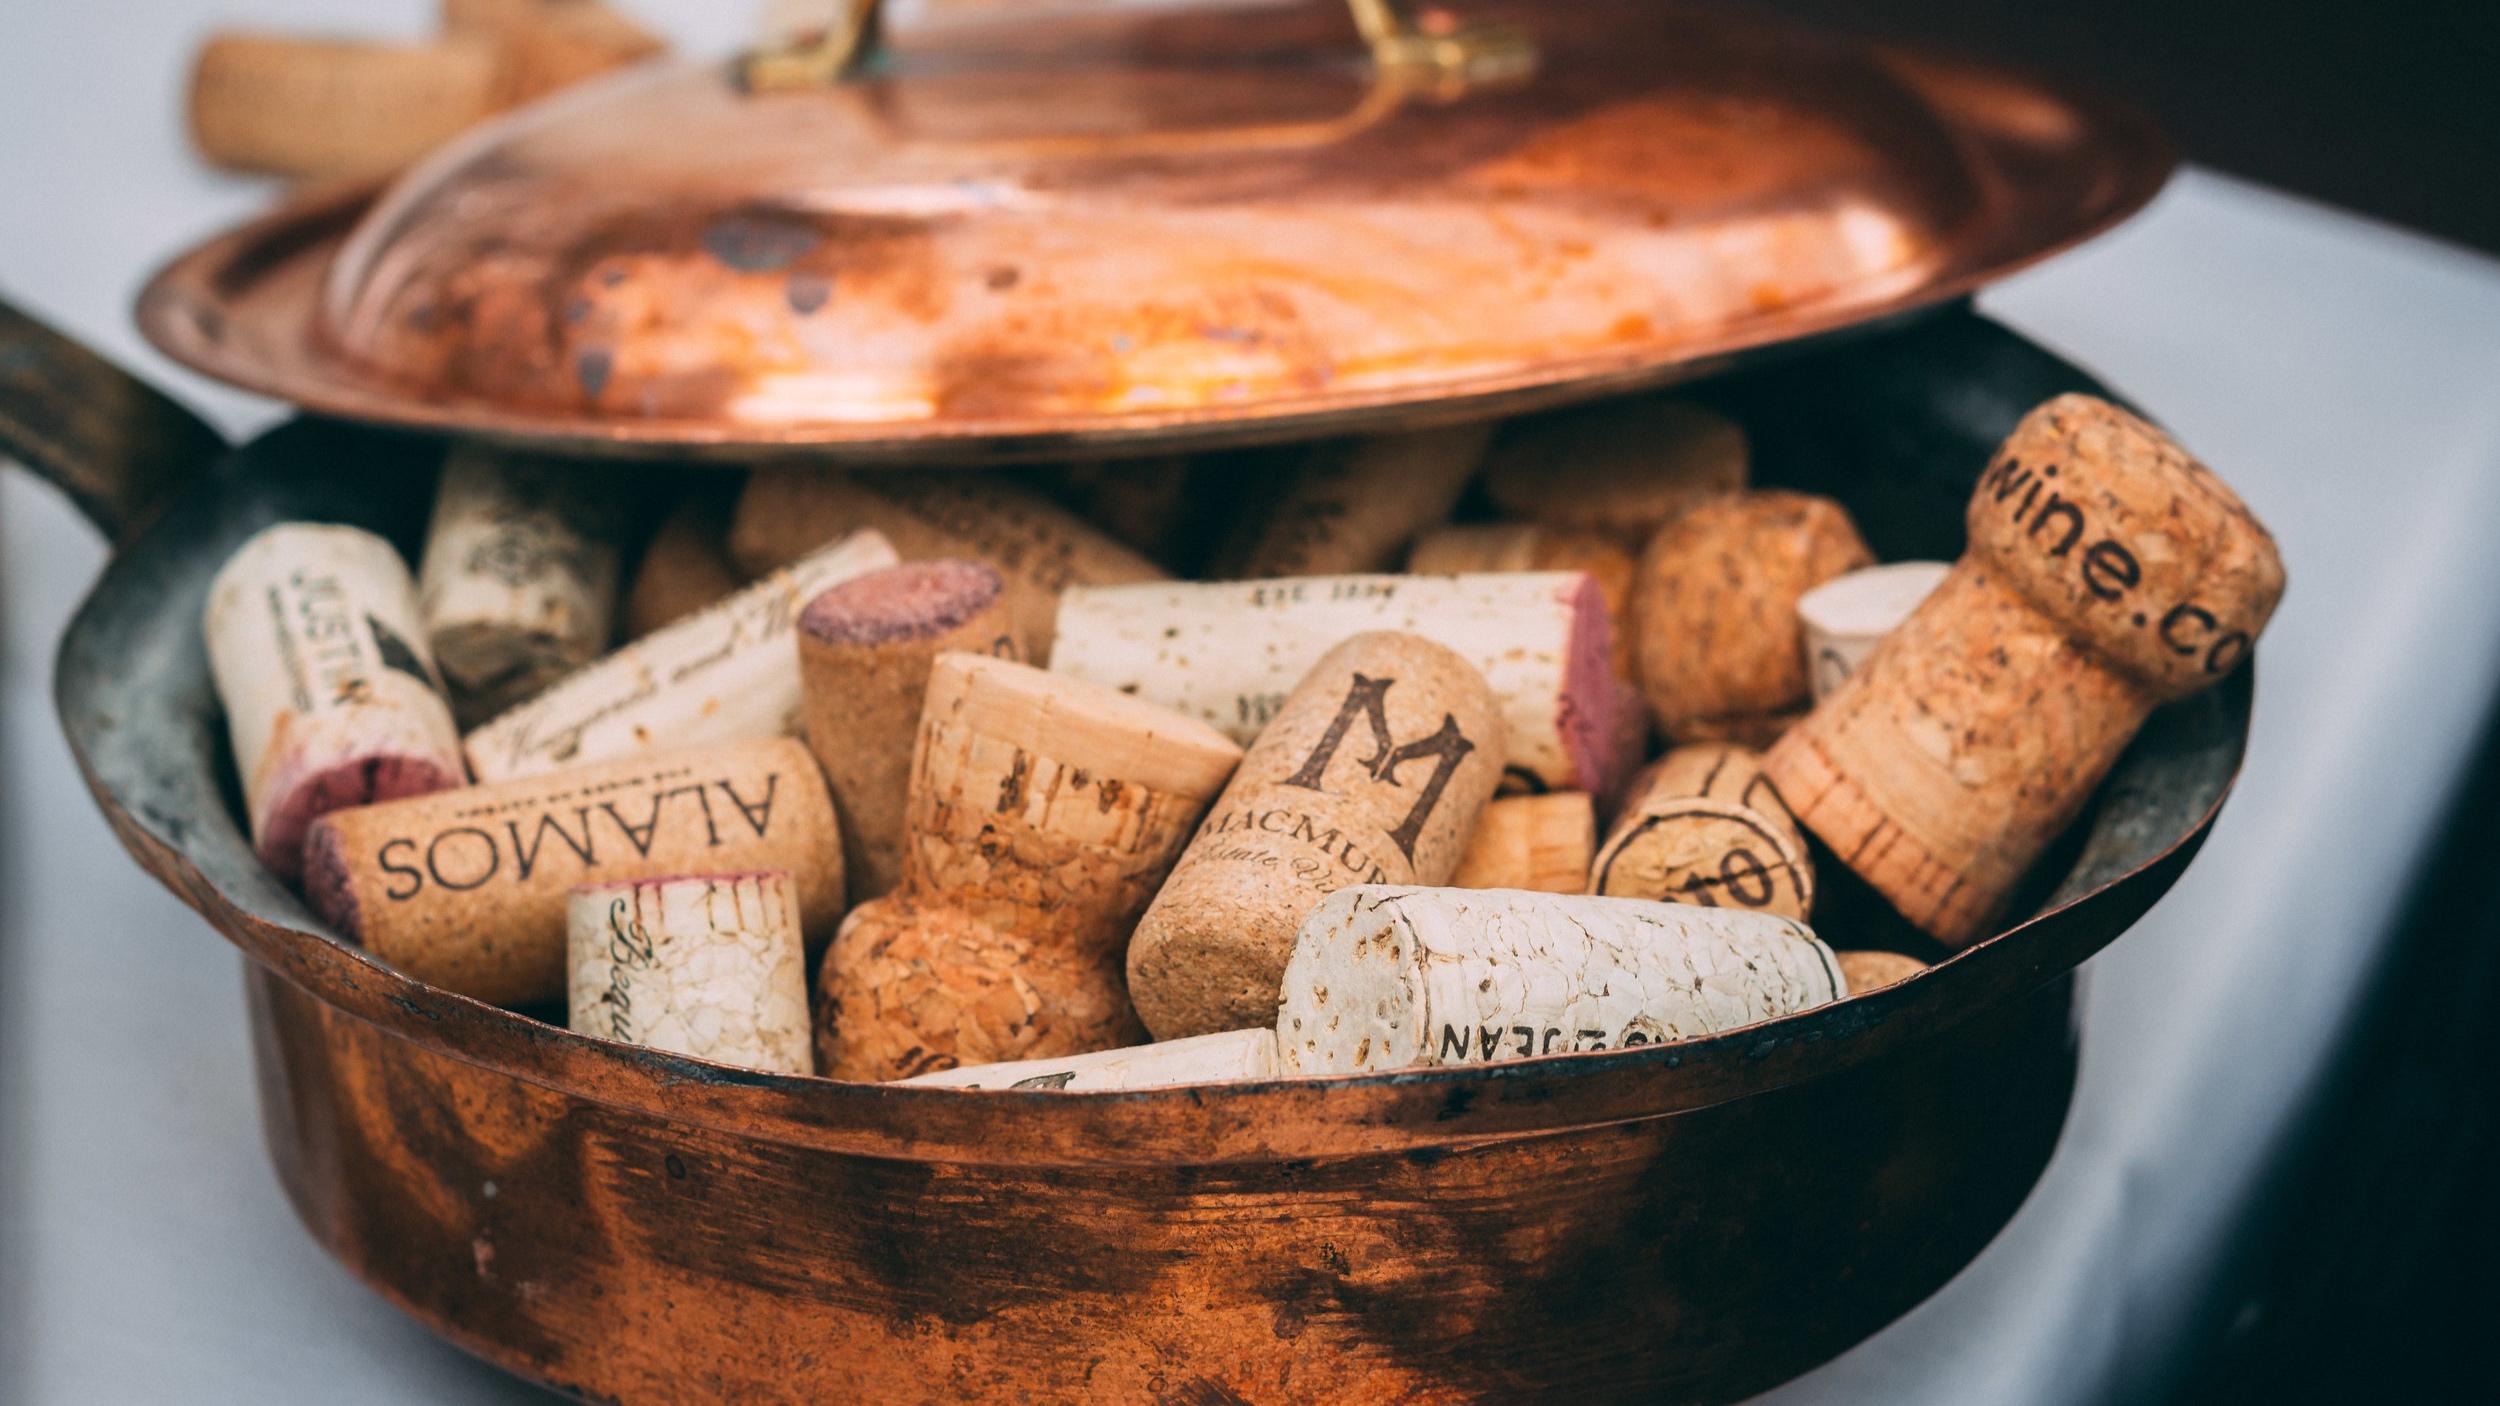 - Deze kennis van en liefde voor wijn wil ik graag met jullie delen, als docent bij Wijnstudio, bij mijn wijn-spijsevents en bij mijn wijnworkshops.